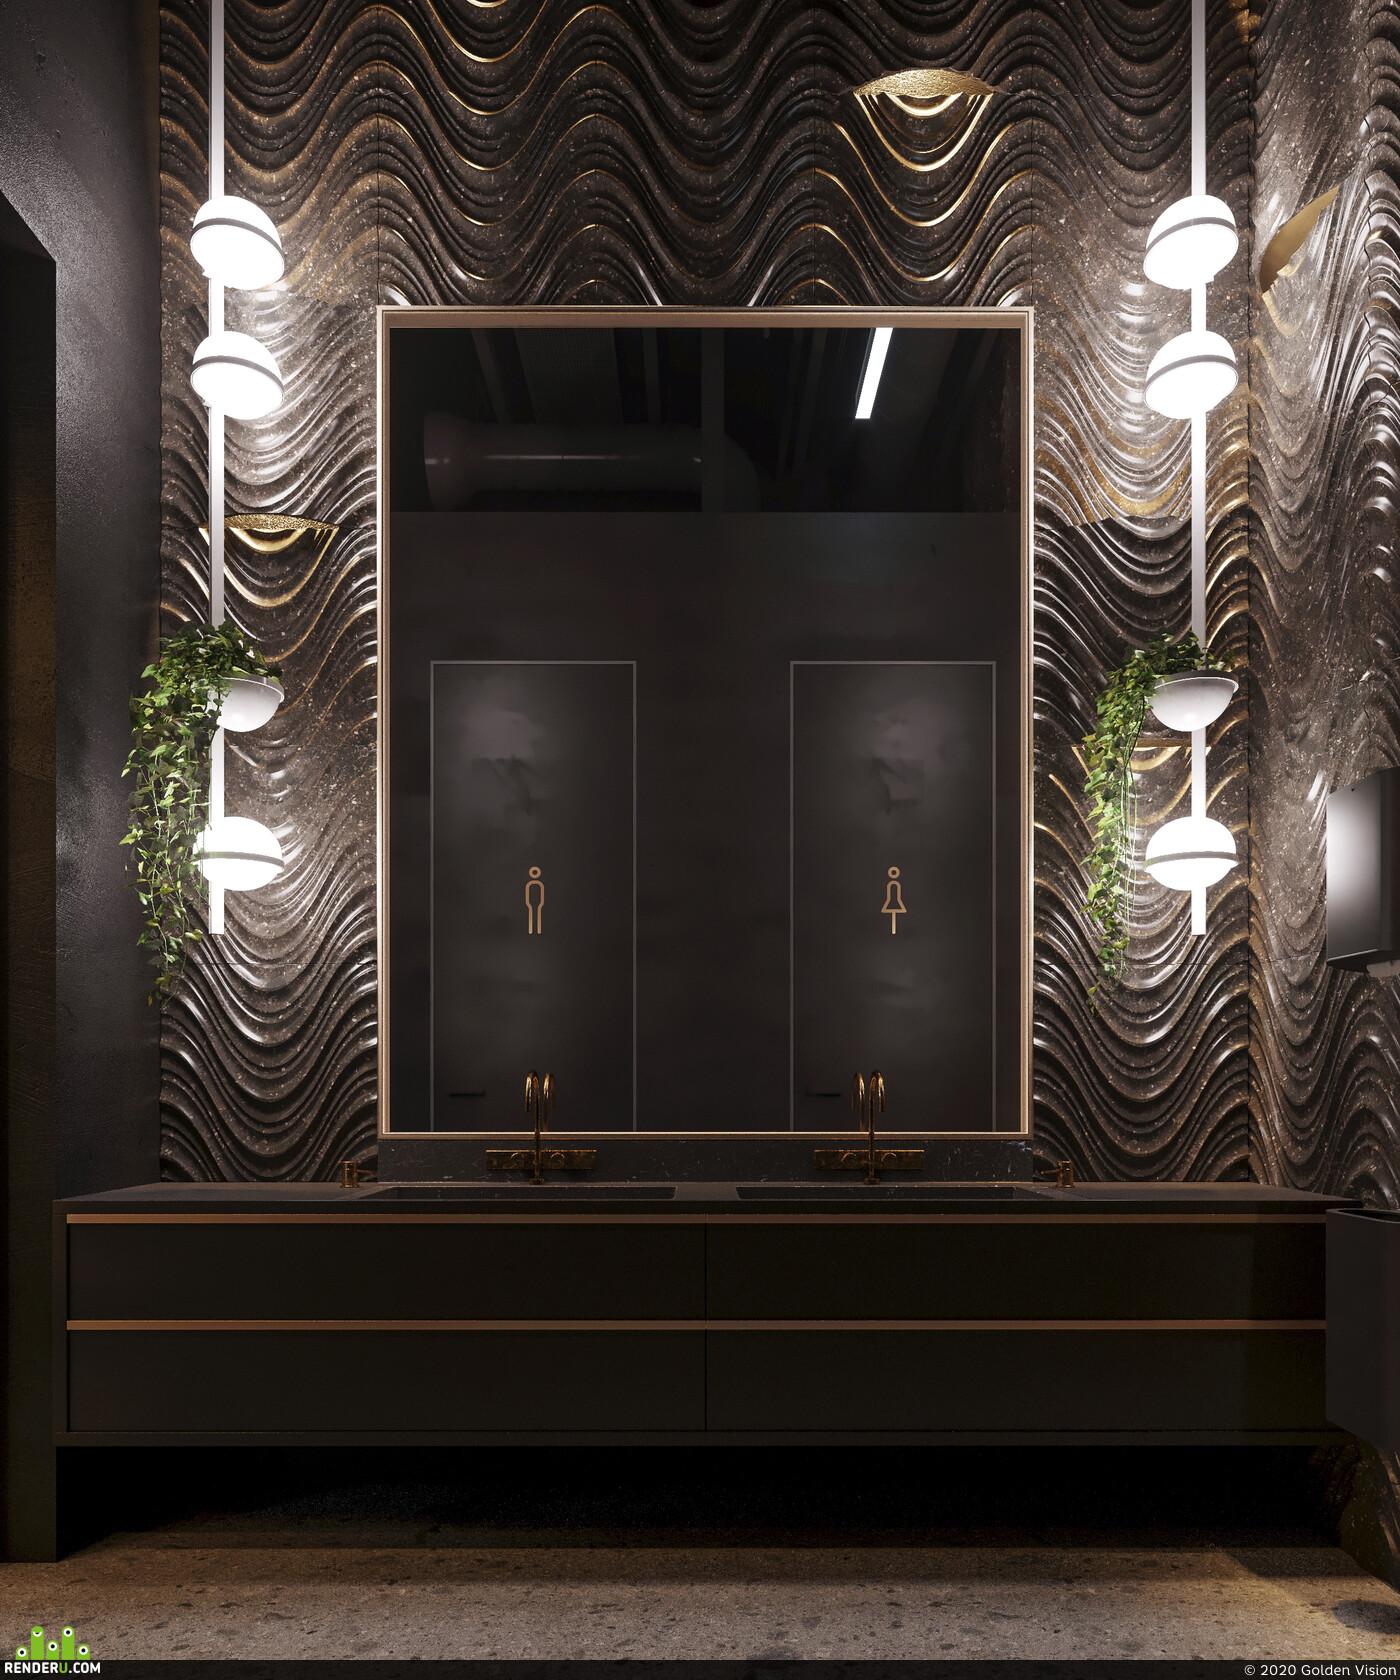 interior interior design design 3D 3D Studio Max 3D архитектура интерьер дизайн интерьера интерьер, visualization, экспериментальная архитектура, визуализация, архитектура, интерьер, корона, архитектурная концепция, 3д архитектура, interior interior design design 3D 3D Studio Max 3D архитектура интерьер дизайн интерьера интерьер, Архитектор, Архитектурнаявизуализация